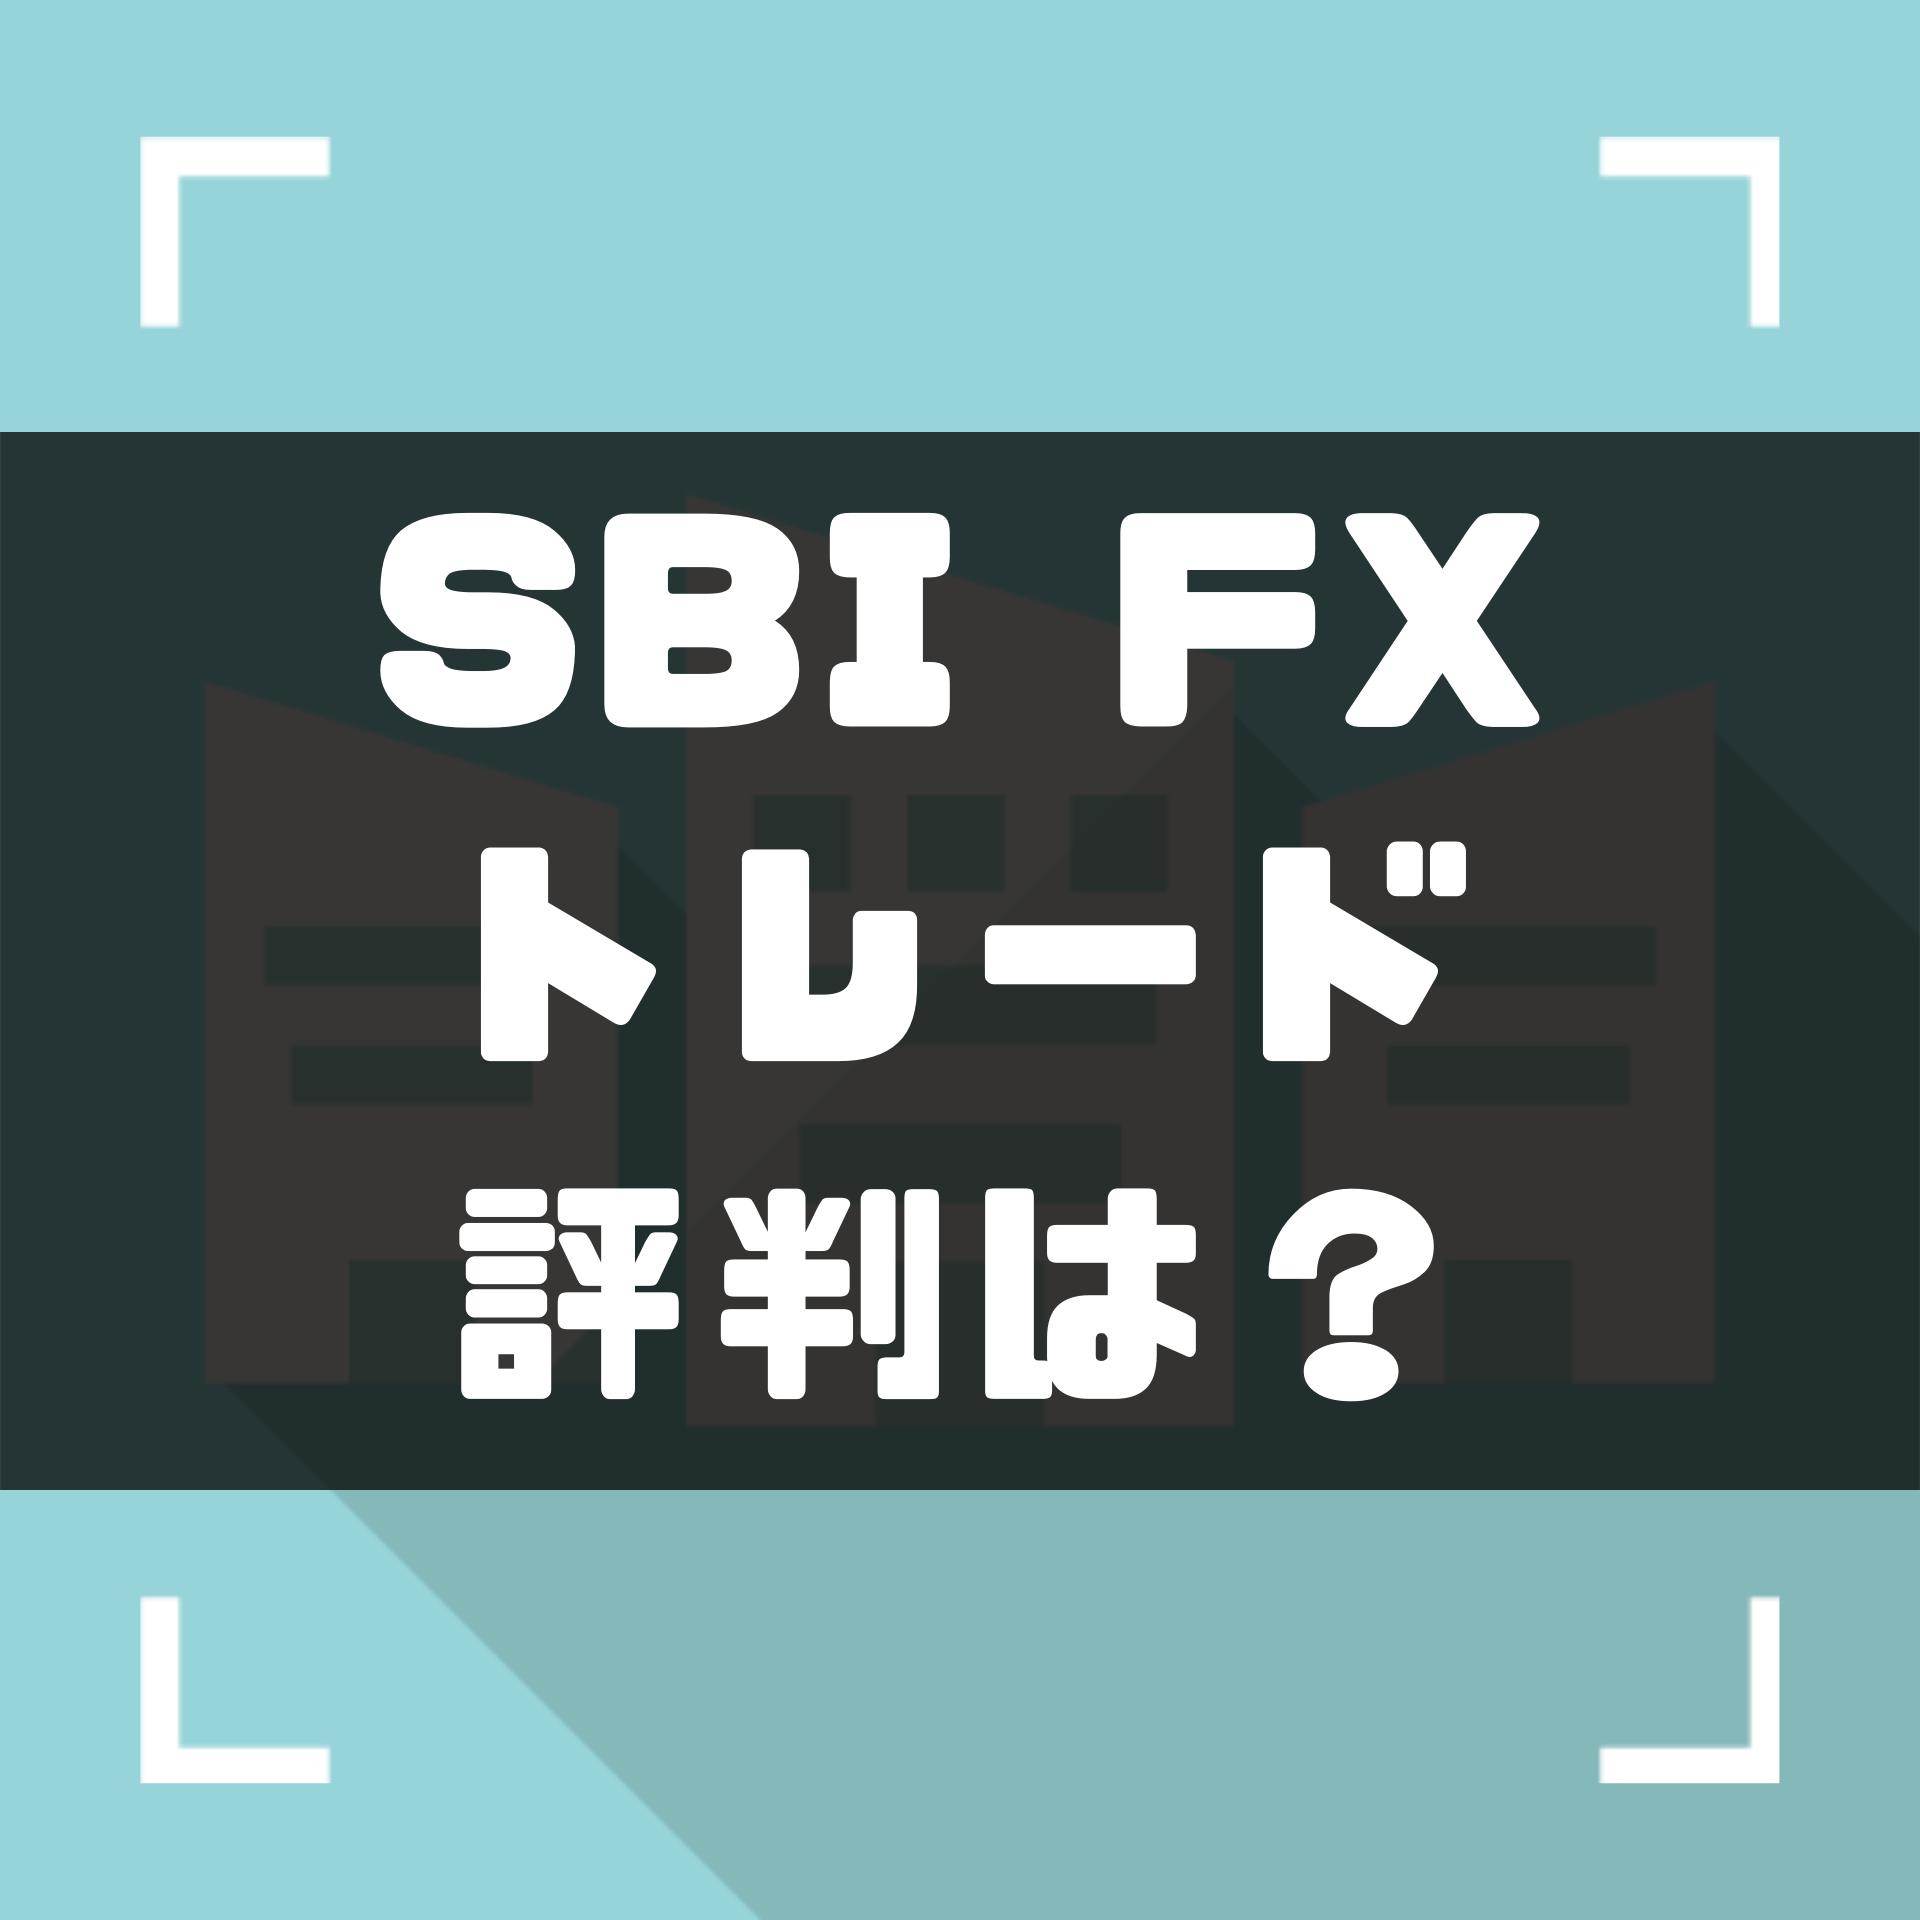 SBIFXトレードの評判!少額取引って実際どうなの?初心者向けにやさしく解説